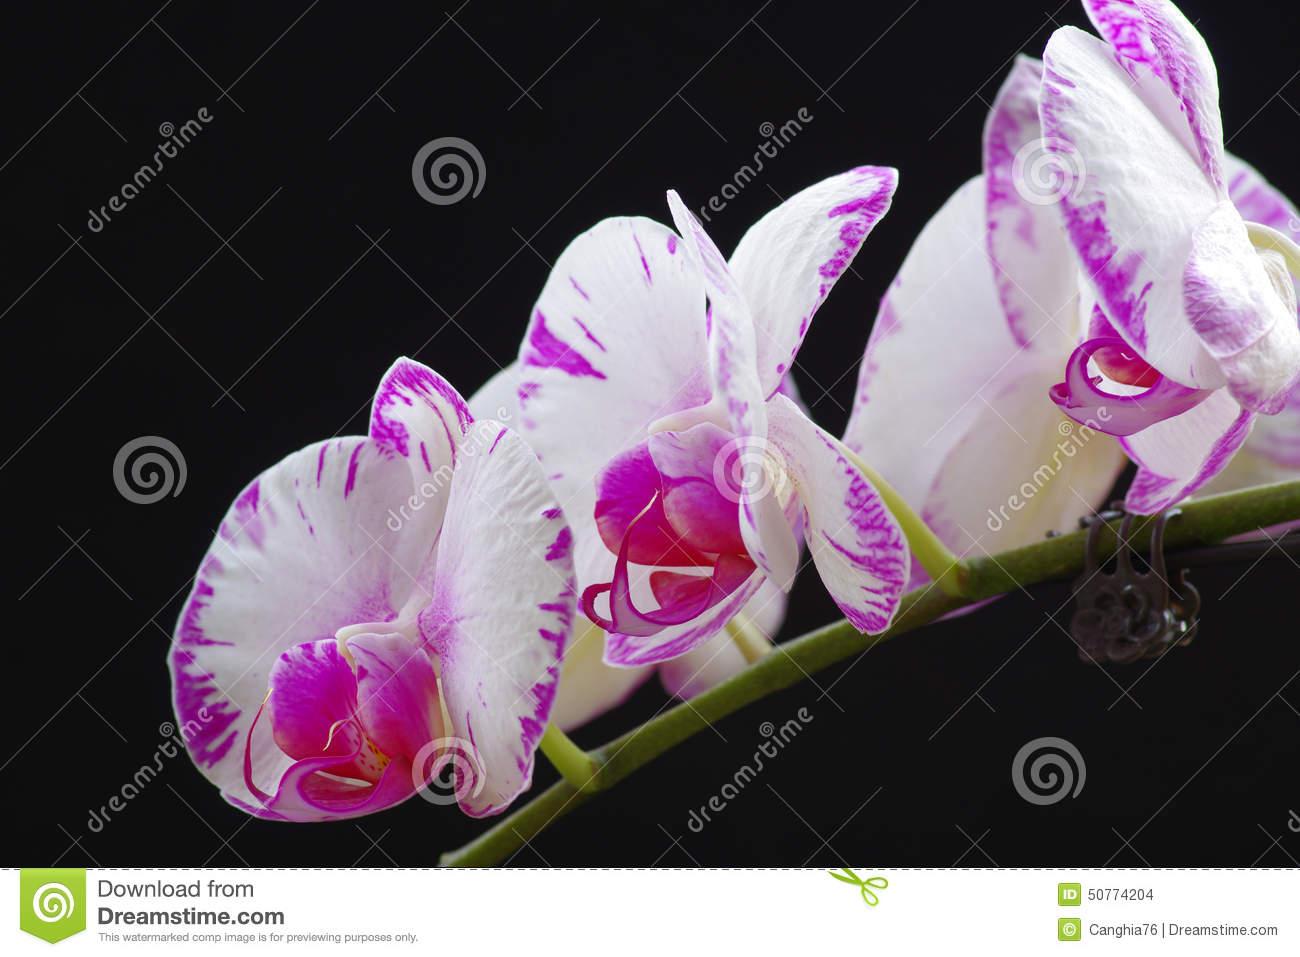 Faschingskostüme Für Damen Schön 飞蛾03butterfly orchid07 04 orchid07 04